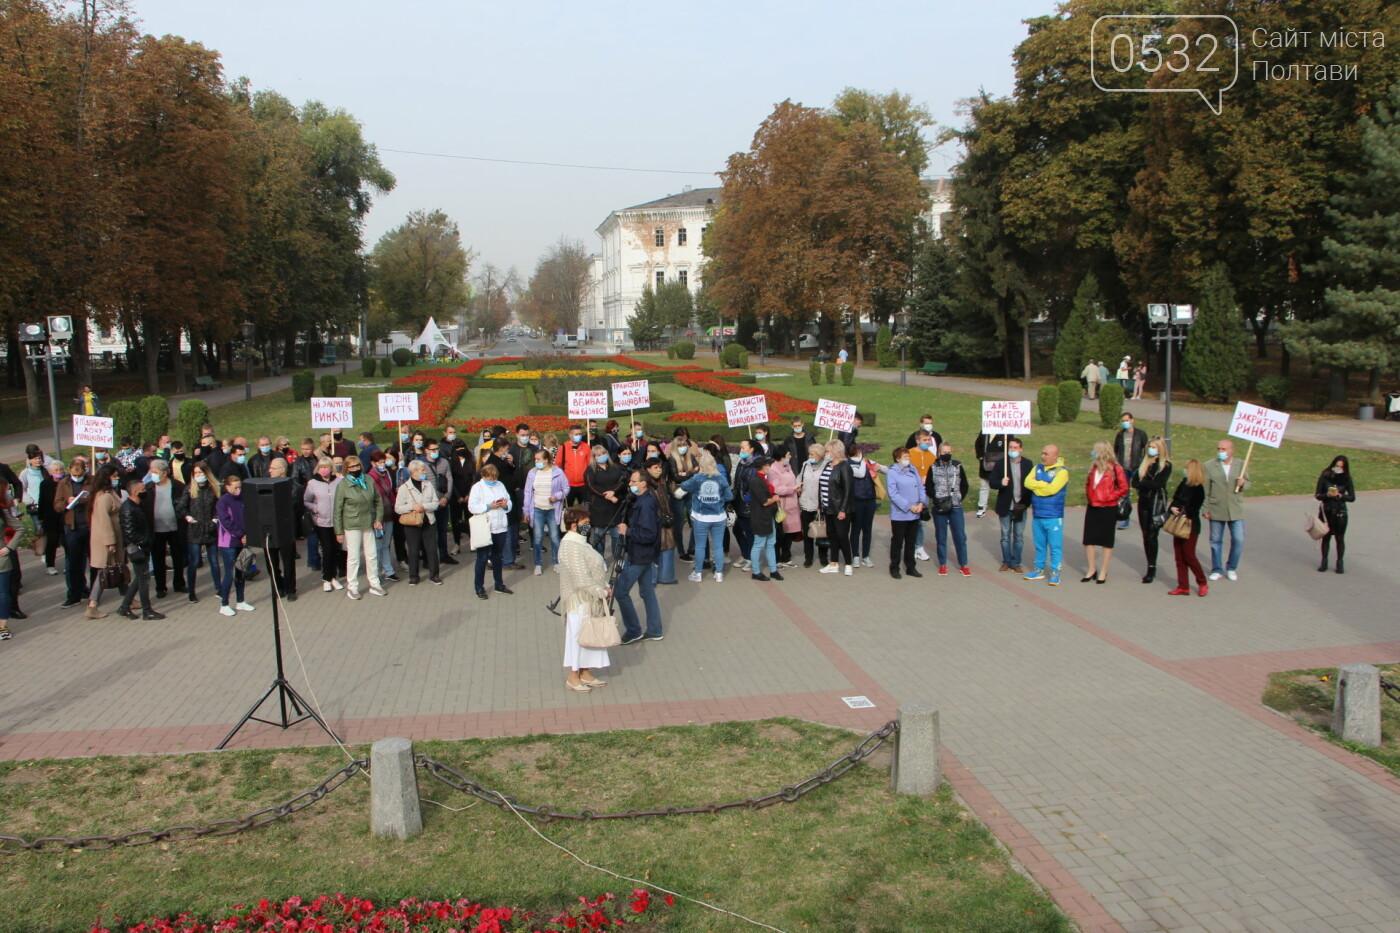 """Полтава вийшла проти """"червоної"""" зони: скільки людей і чого вимагають (ФОТОРЕПОРТАЖ), фото-9"""